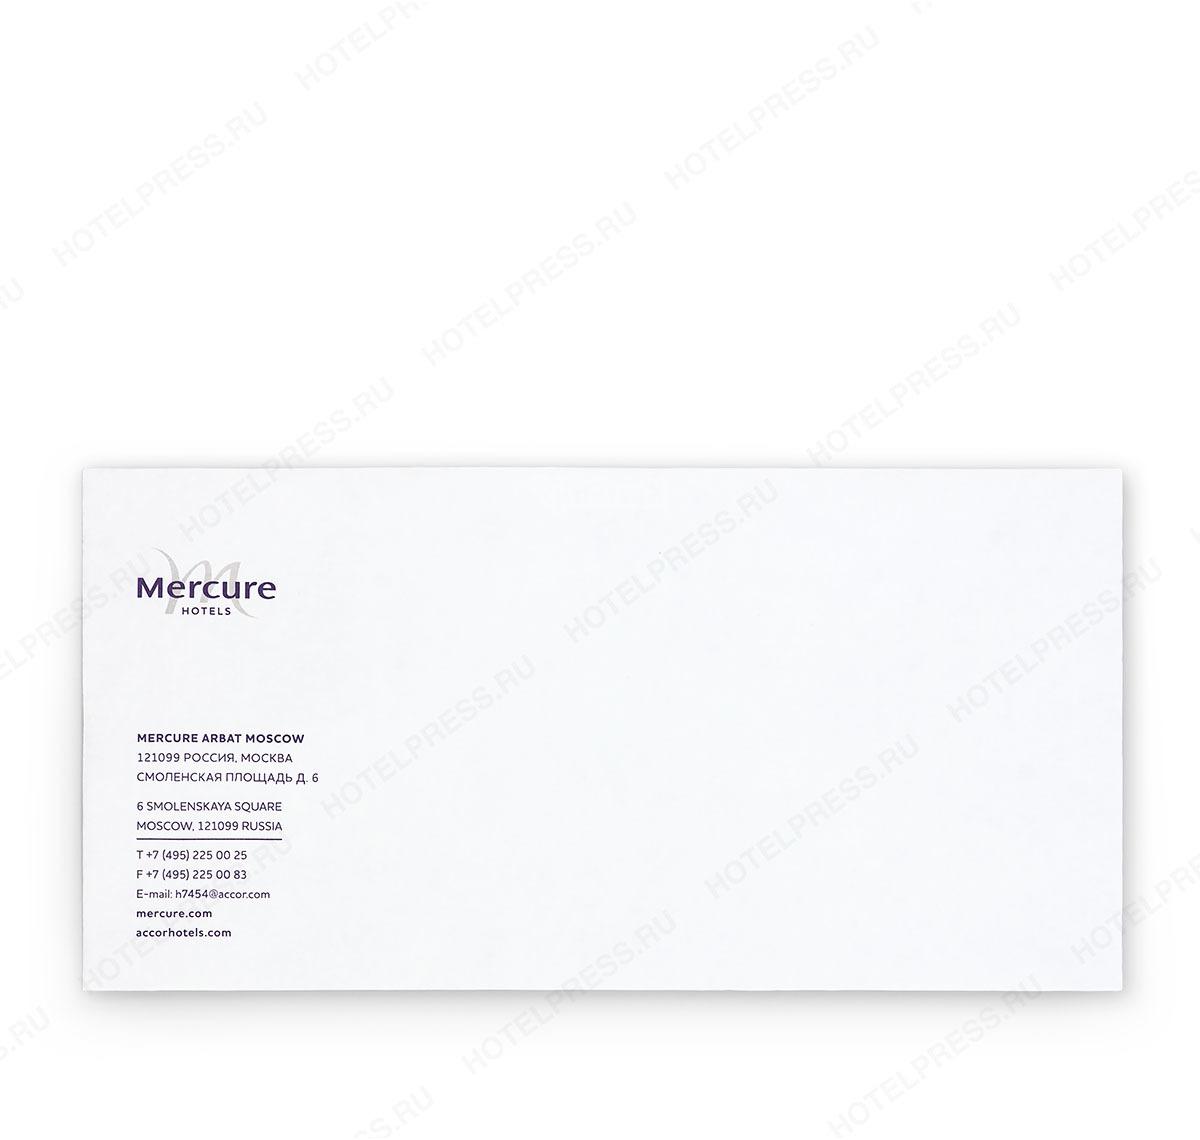 Конверт с внутренней запечаткой для отеля Mercure